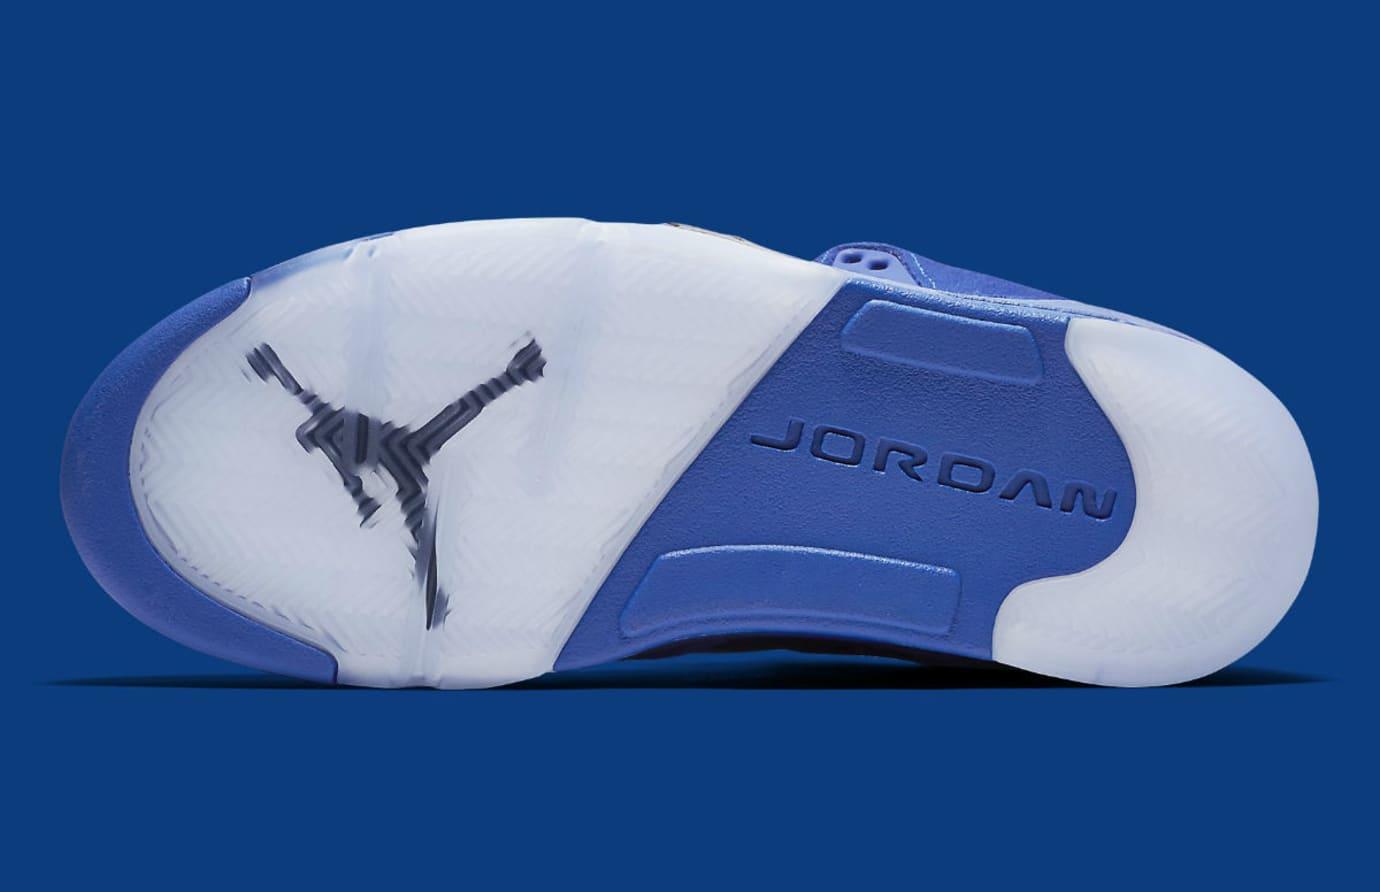 Air Jordan 5 Royal Blue Suede Flight Suit Release Date Sole 136027-401